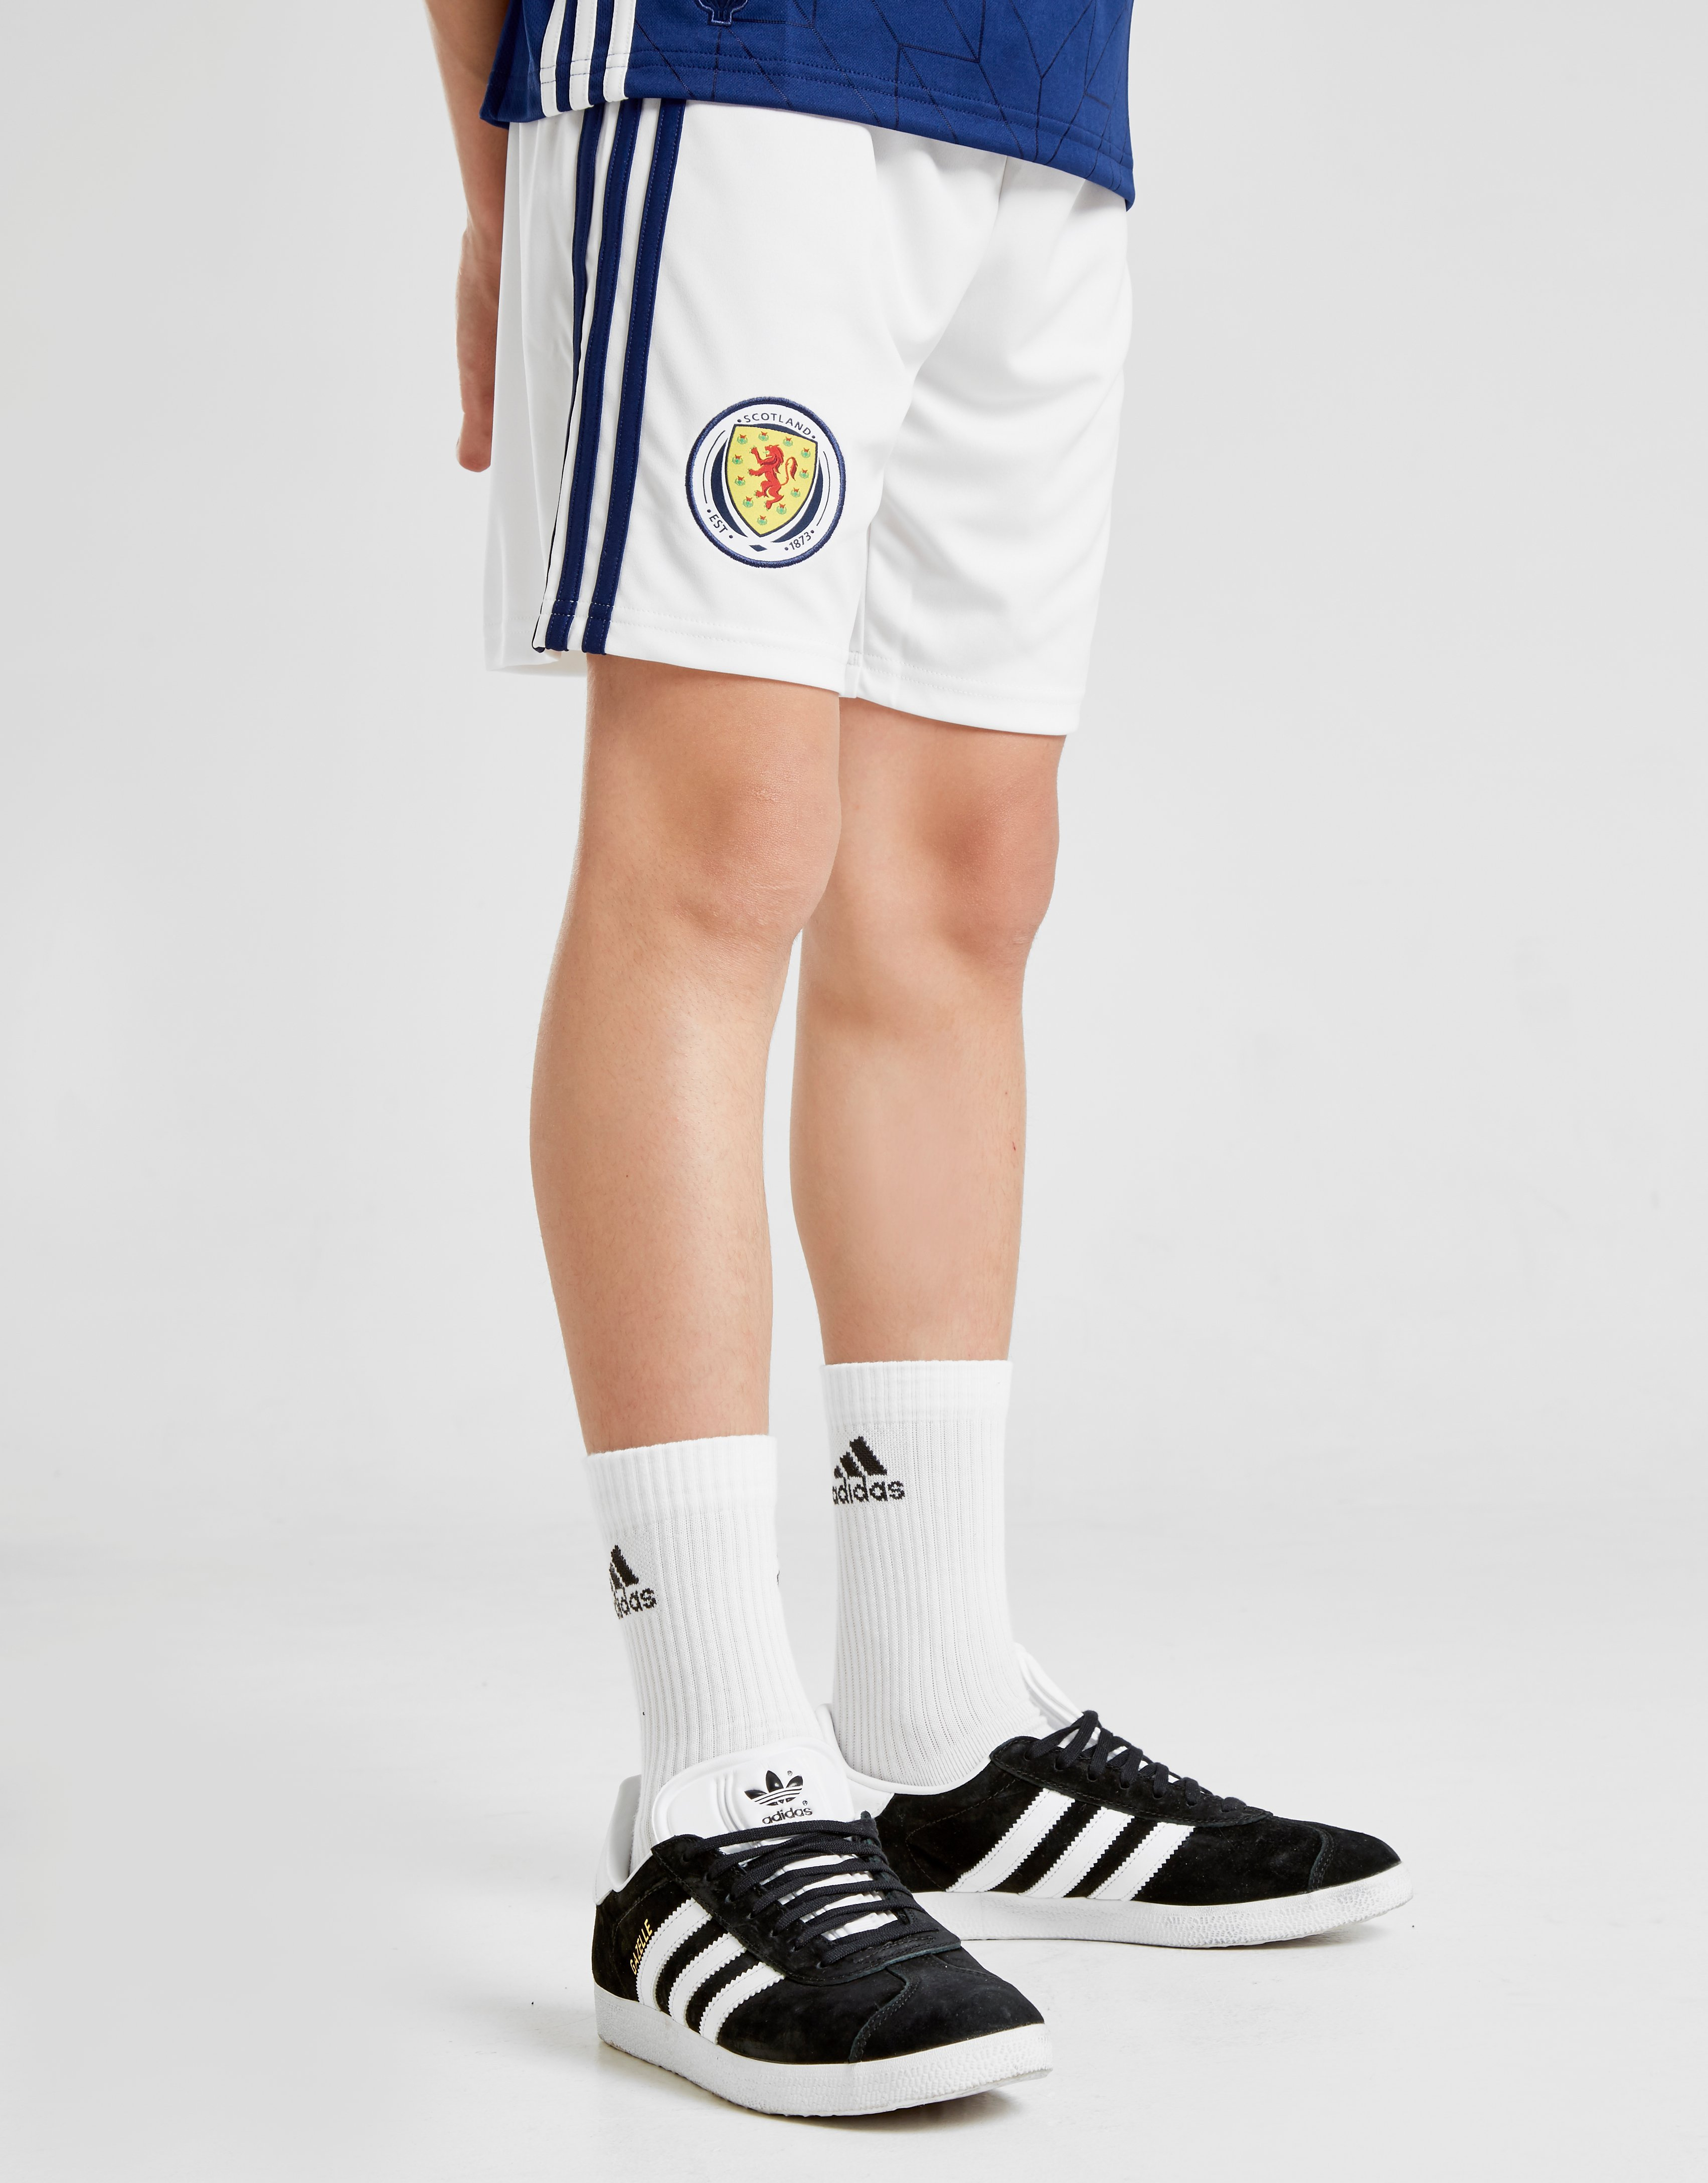 adidas Scotland 2018/19 Home Shorts Junior